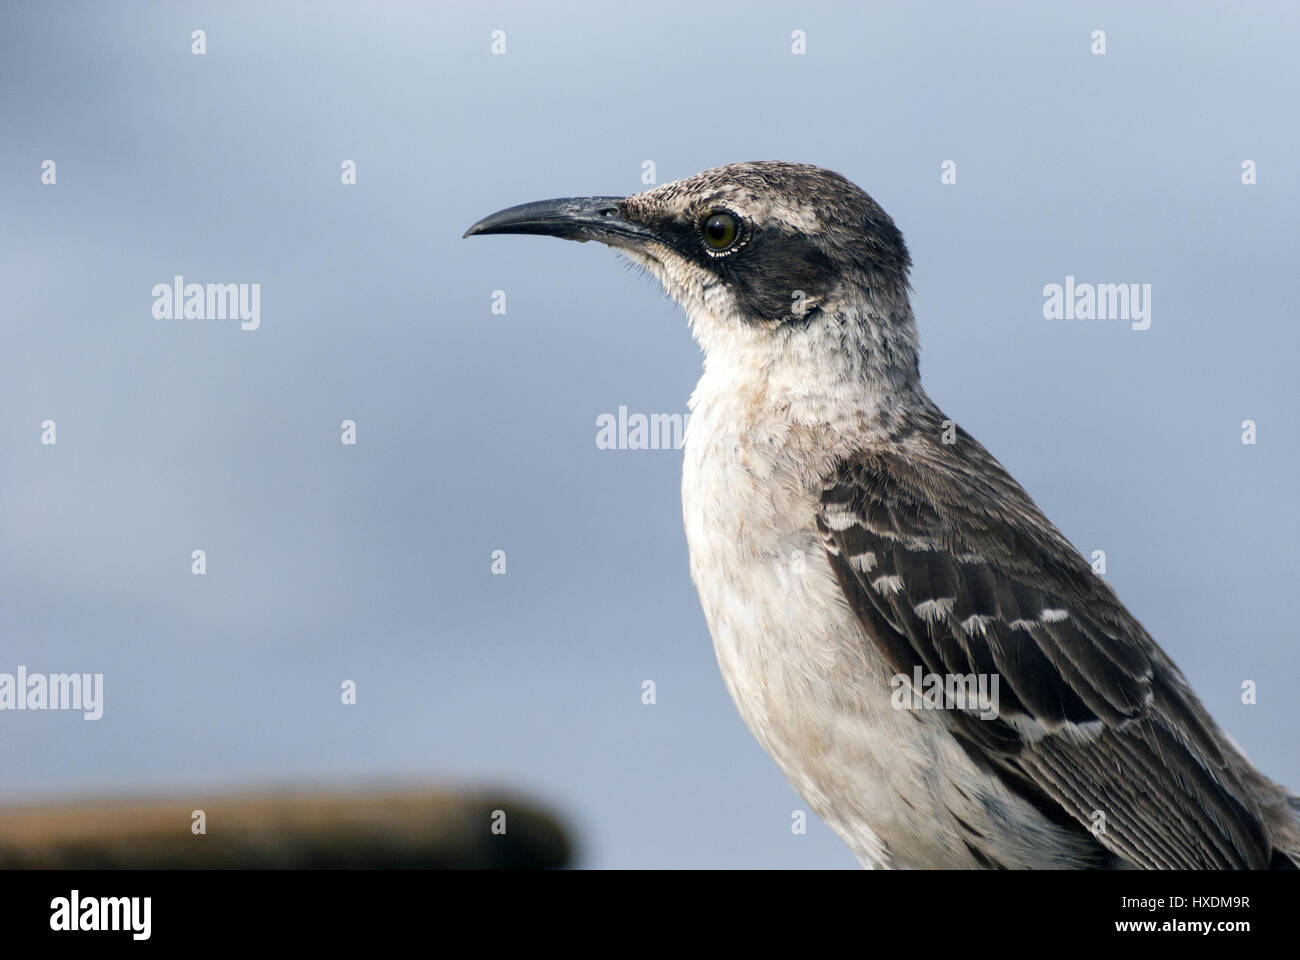 Ecuador, Galapagos, Santiago island, Puerto Egas, Galapagos mockingbird Stock Photo